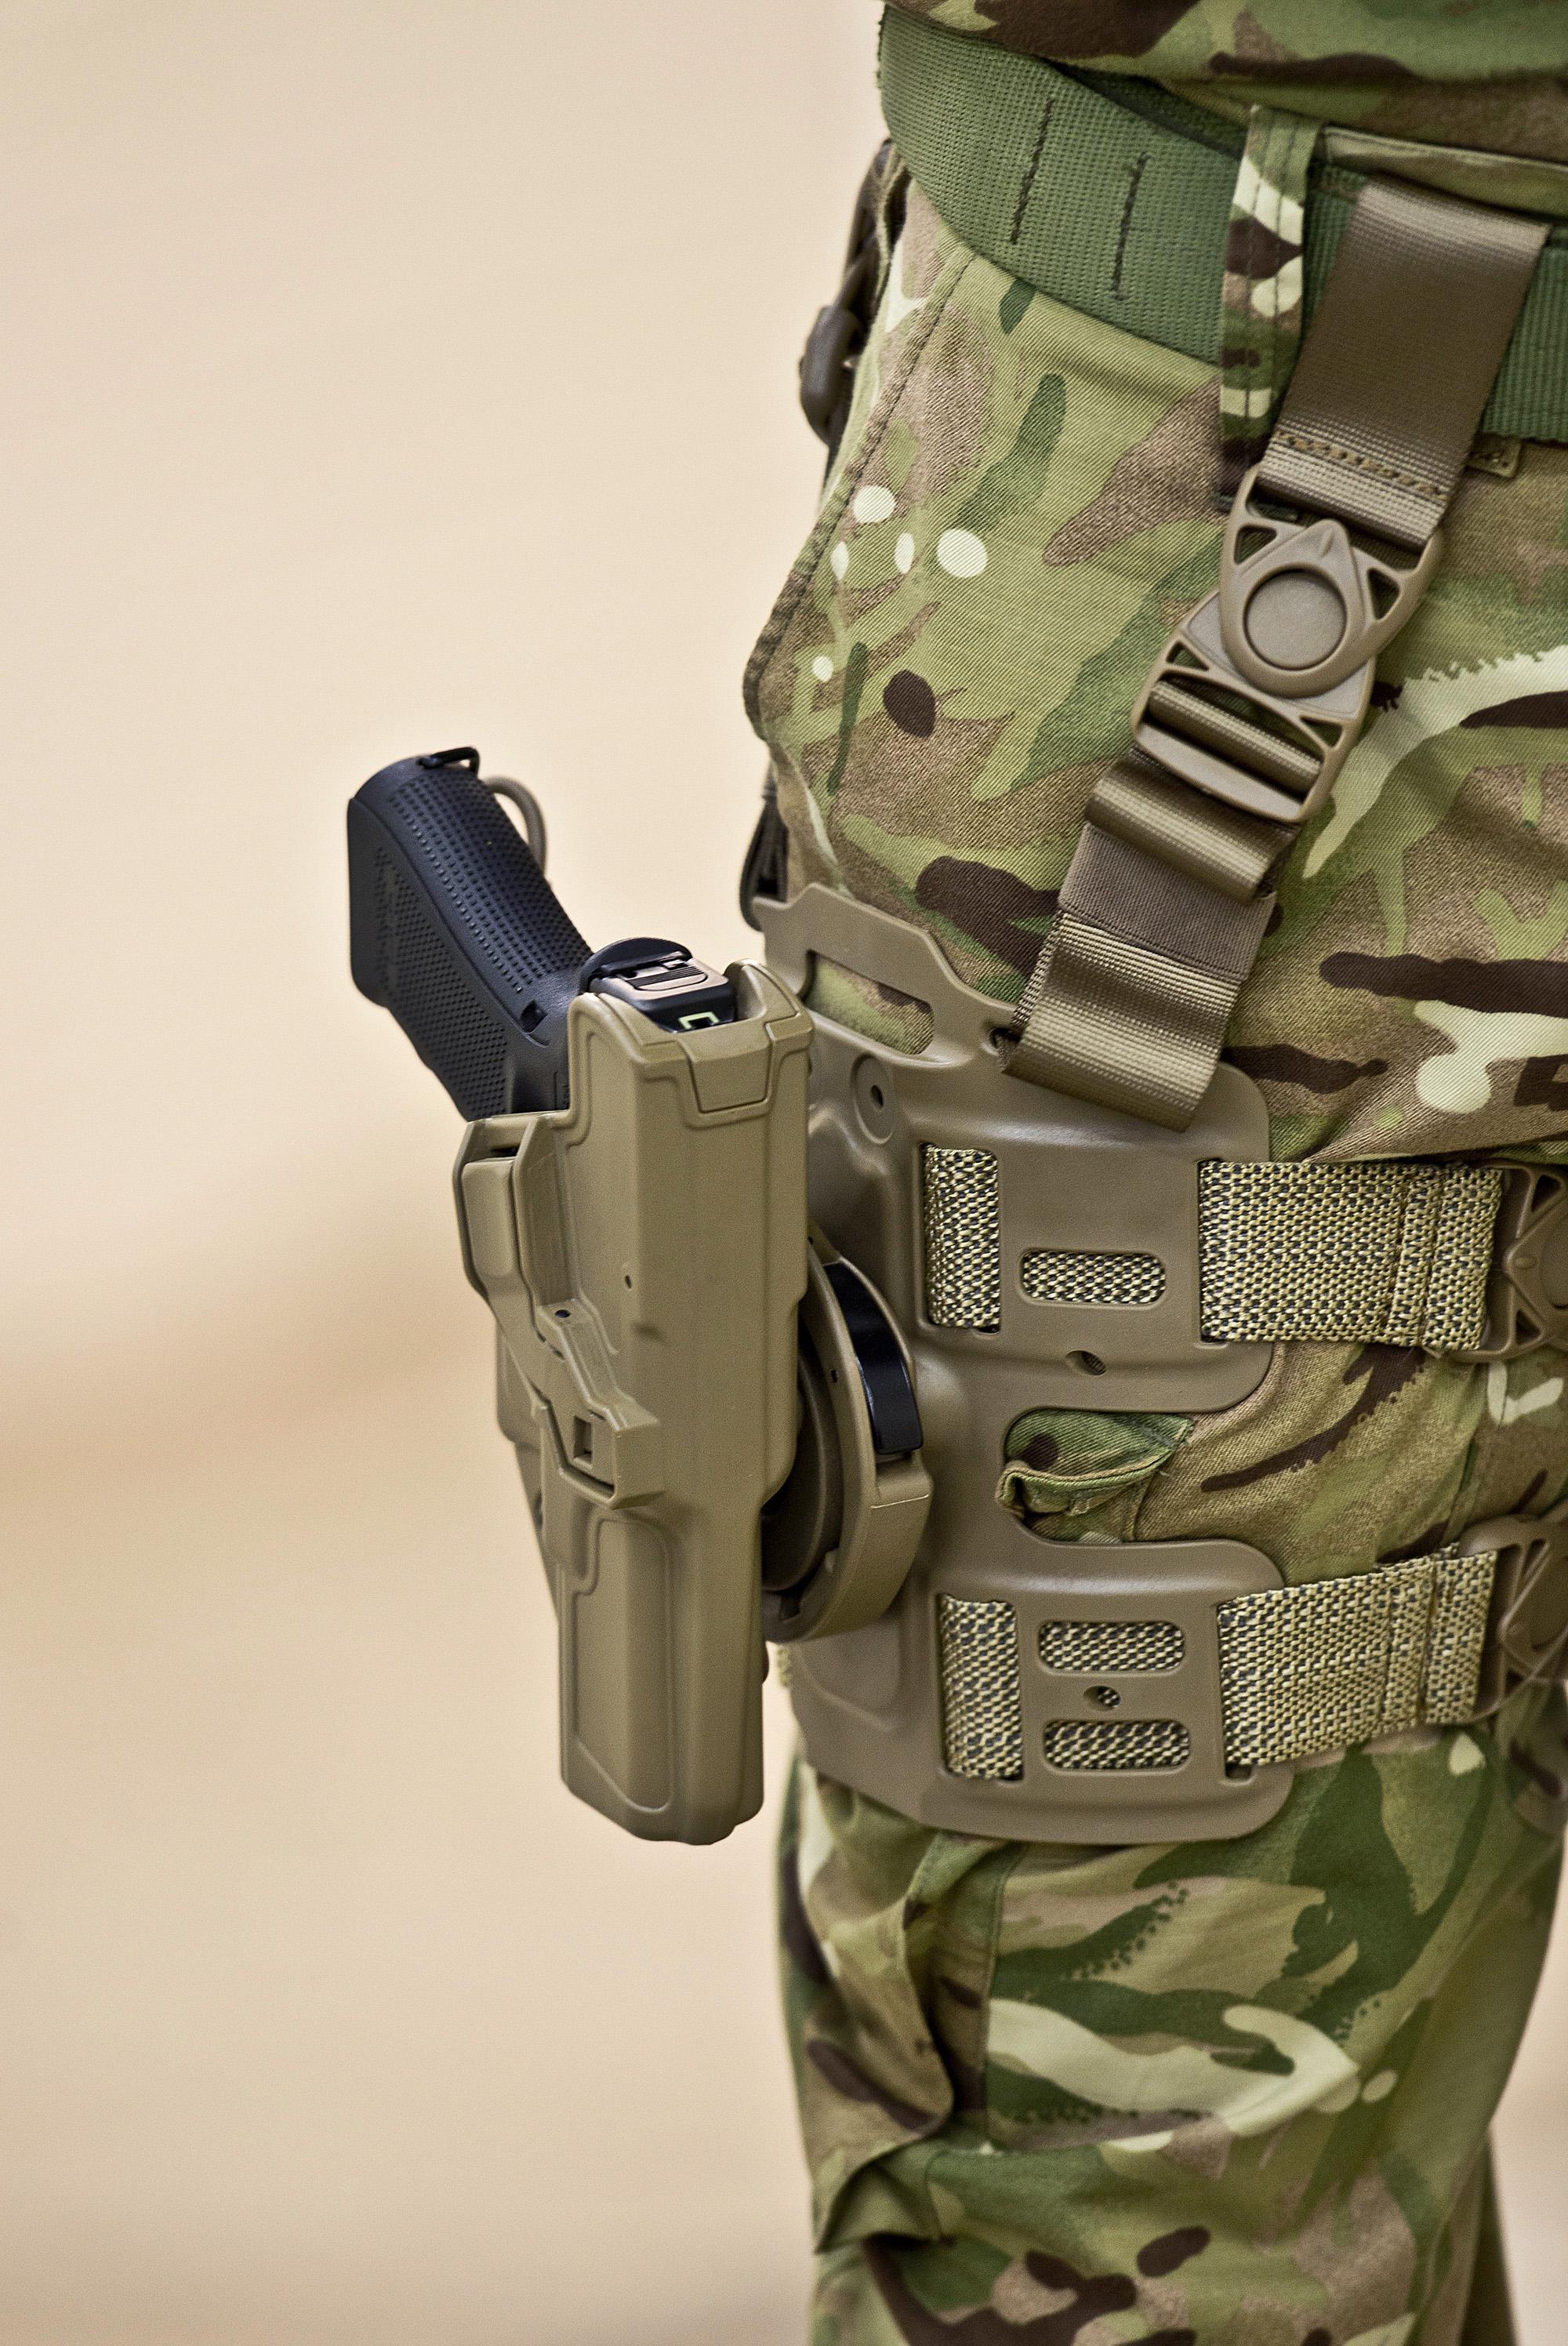 Datei:Glock 17 in Holster MOD 45154999 jpg – Wikipedia